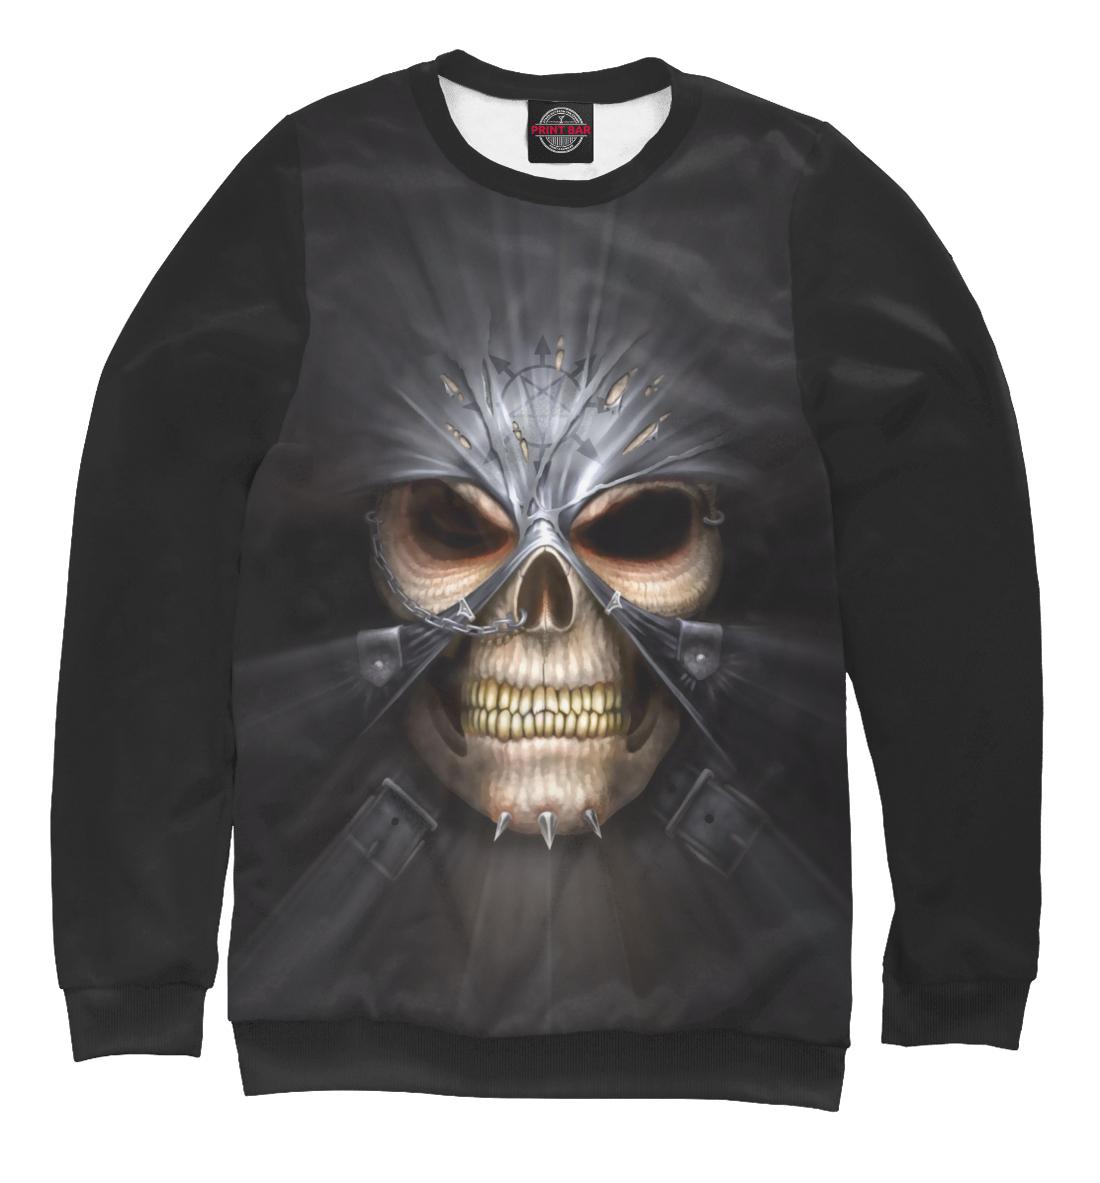 Купить Скелет в маске, Printbar, Свитшоты, APD-309000-swi-2